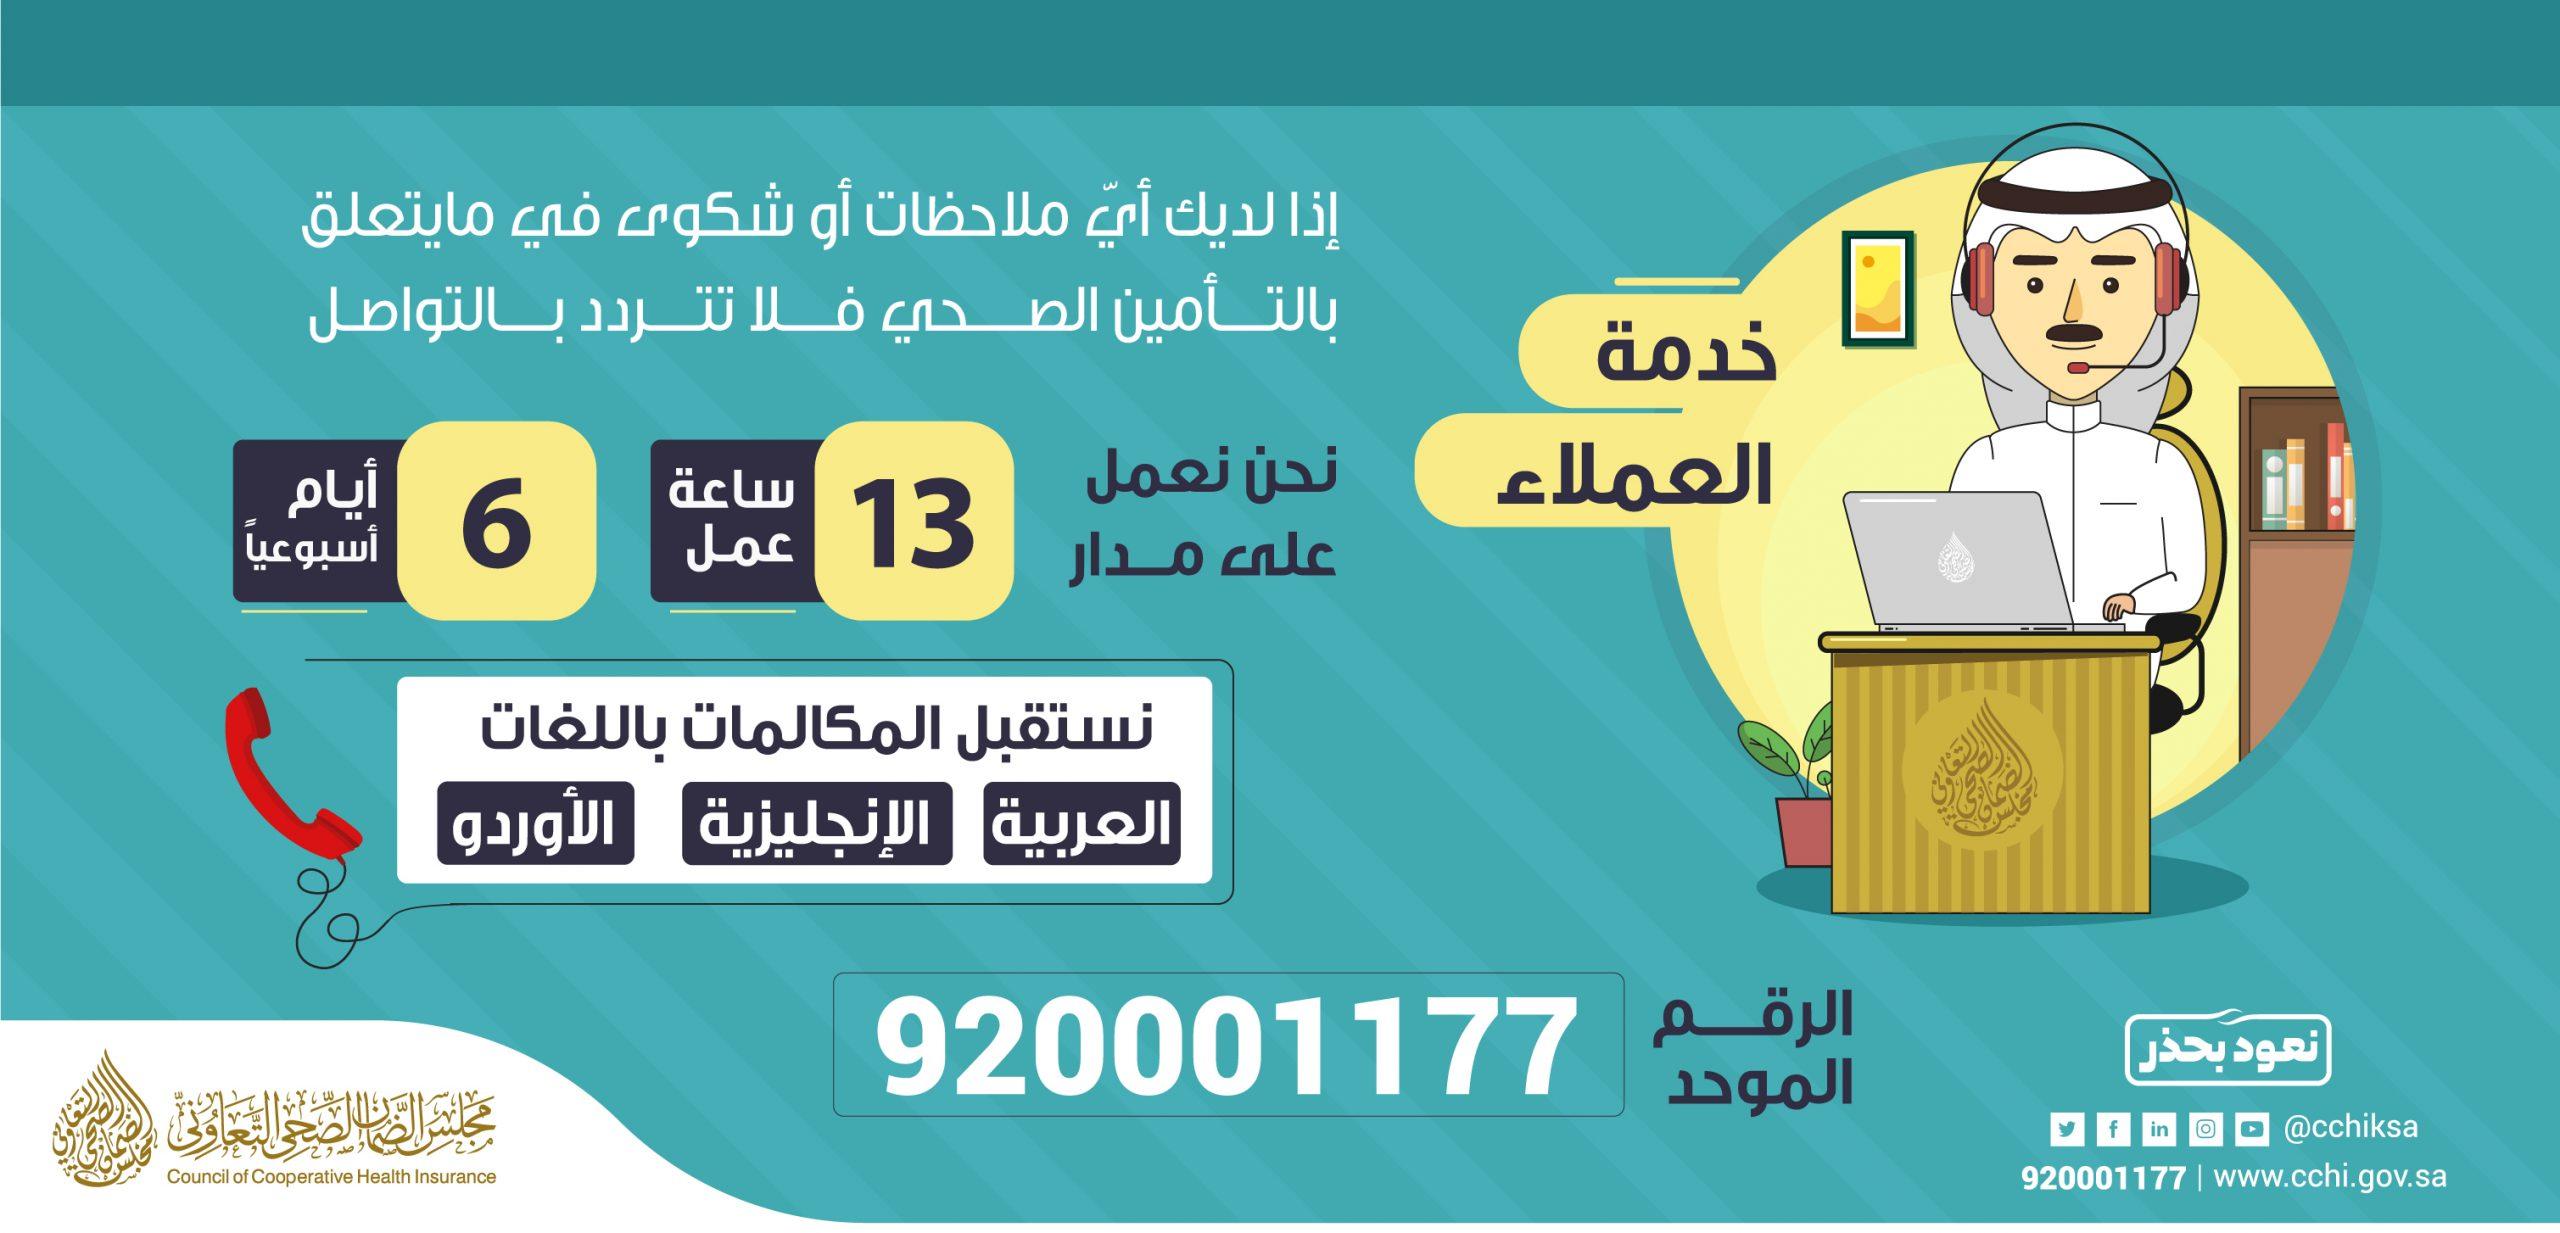 رابط الاستعلام عن التأمين الصحي للمقيمين برقم الإقامة او رقم الأحول